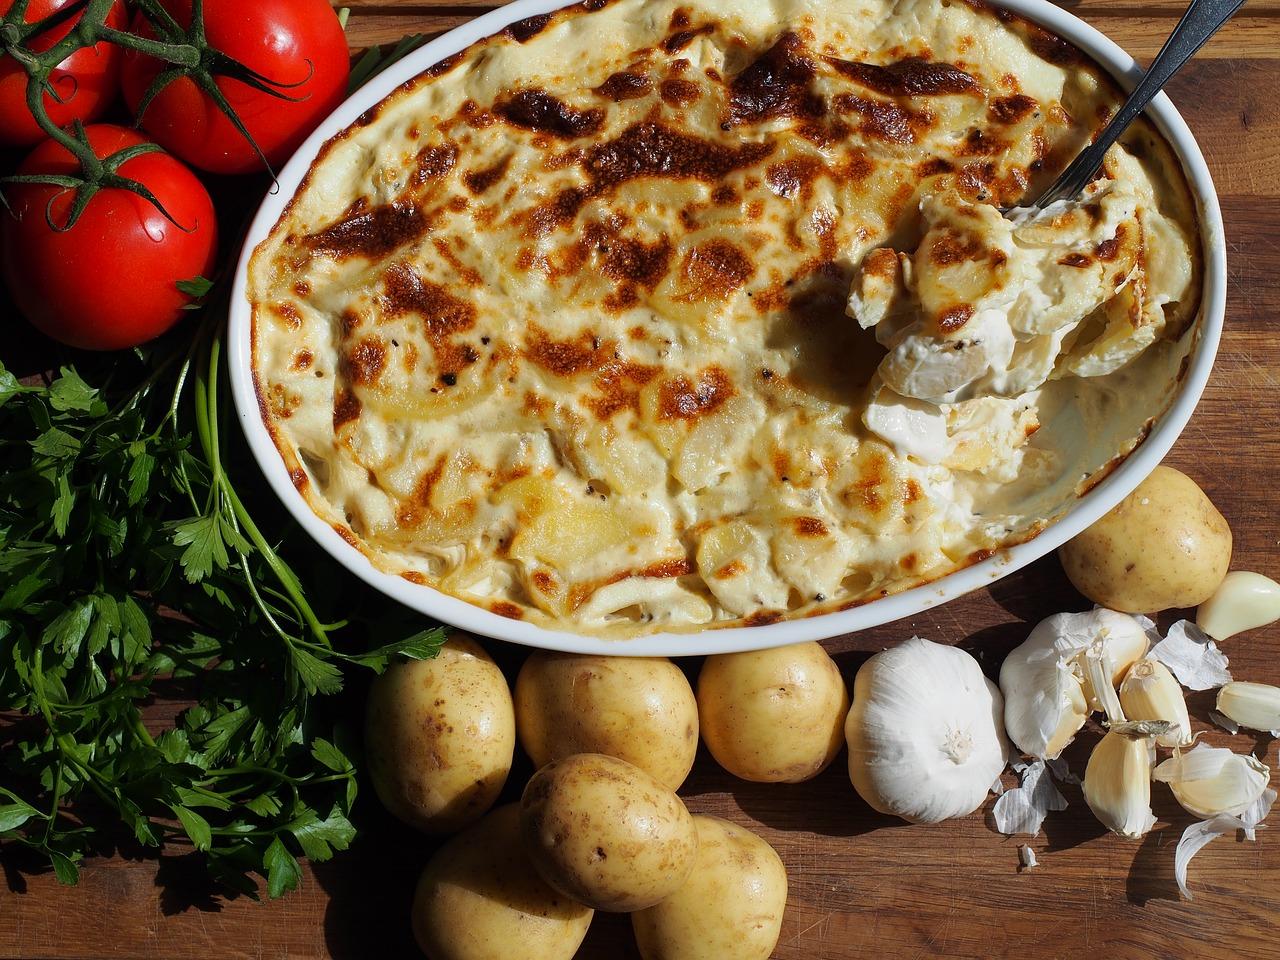 ベシャメルソースのグラタンが人気!作り方とマカロニやジャガイモ・豆乳のアレンジも!分量を知ればプロ級の味に!